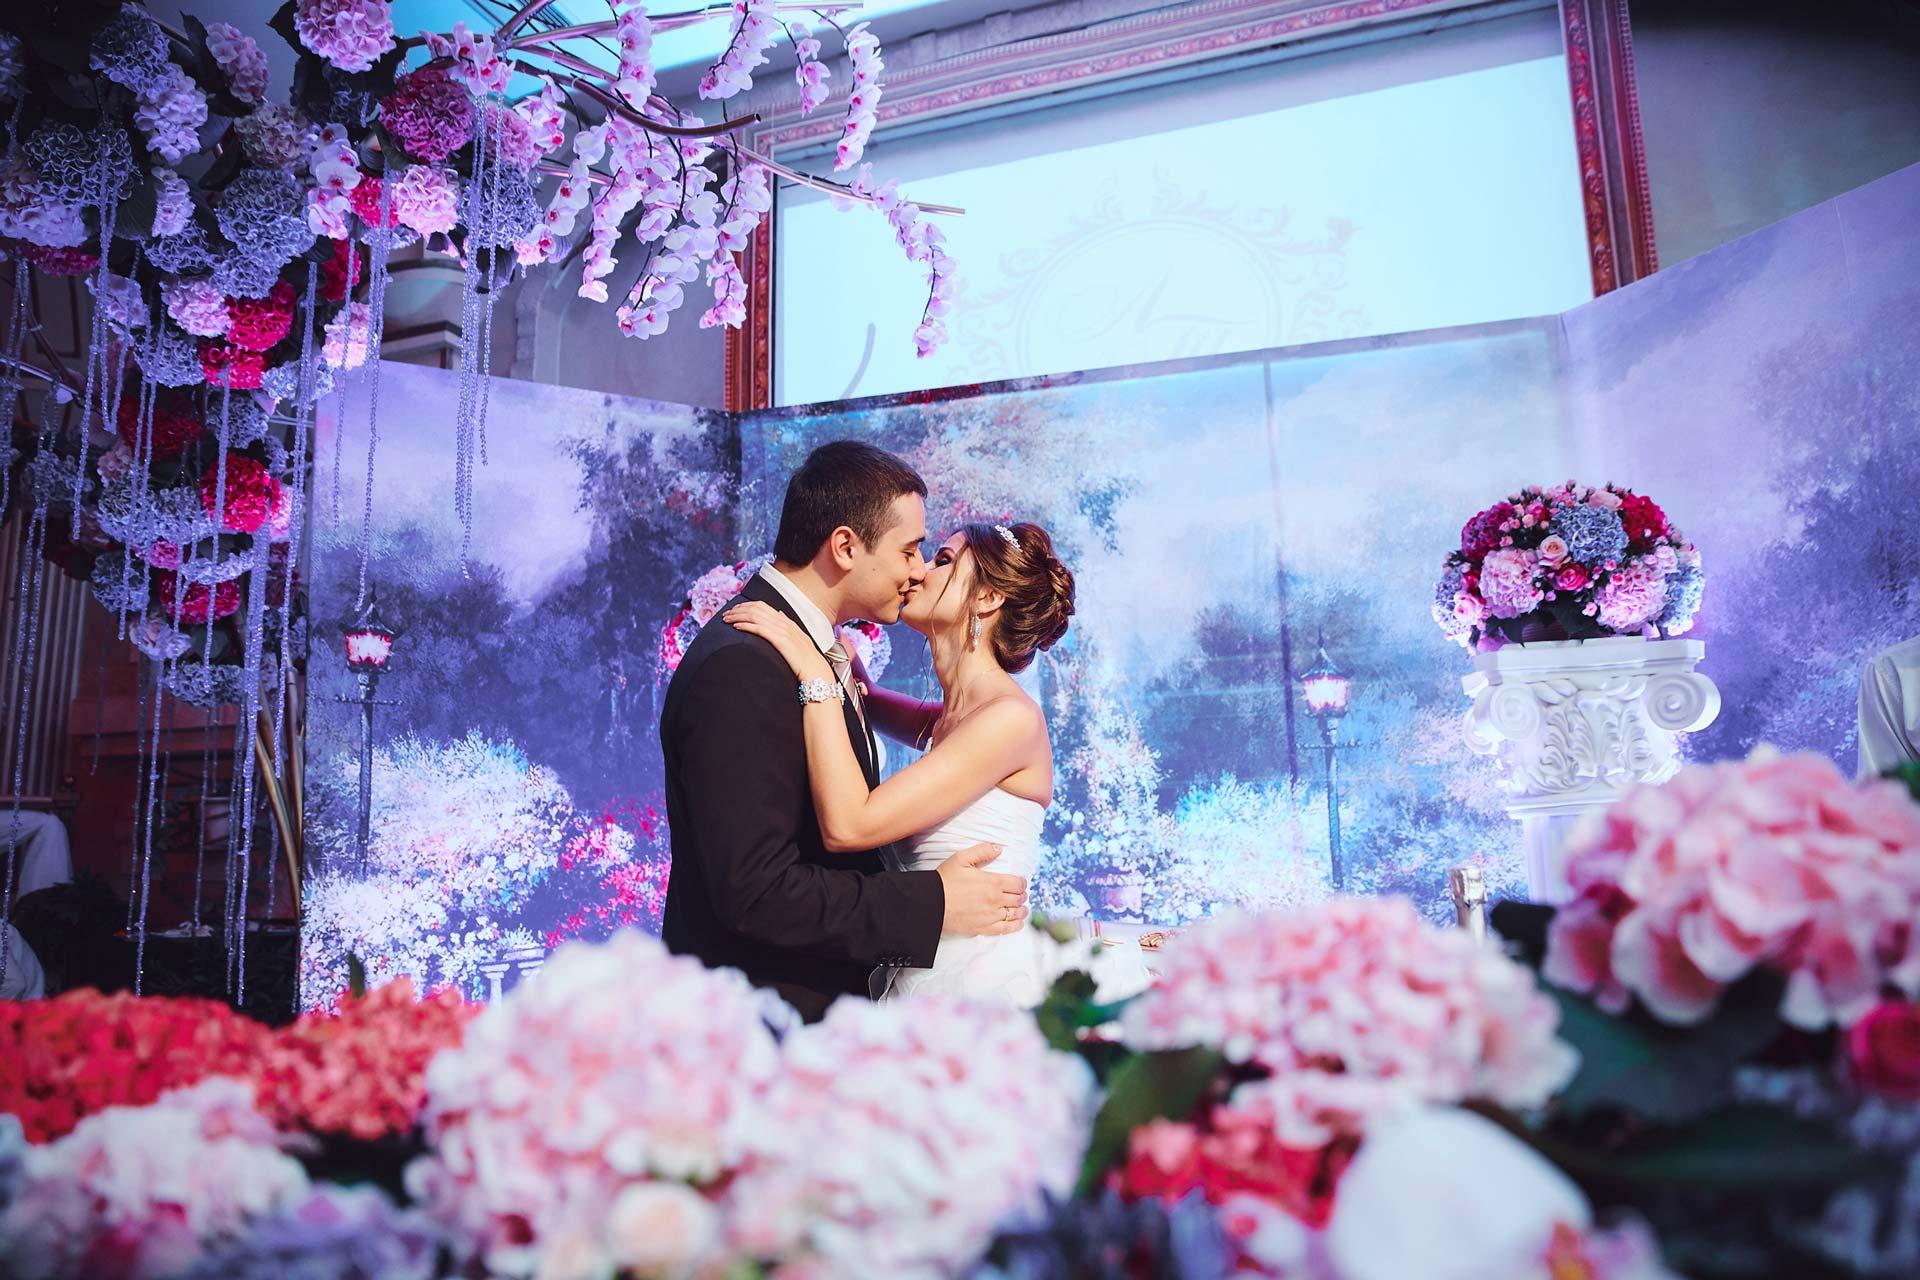 Мифология и национальные традиции. Свадьба Александра и Татьяны фото 23